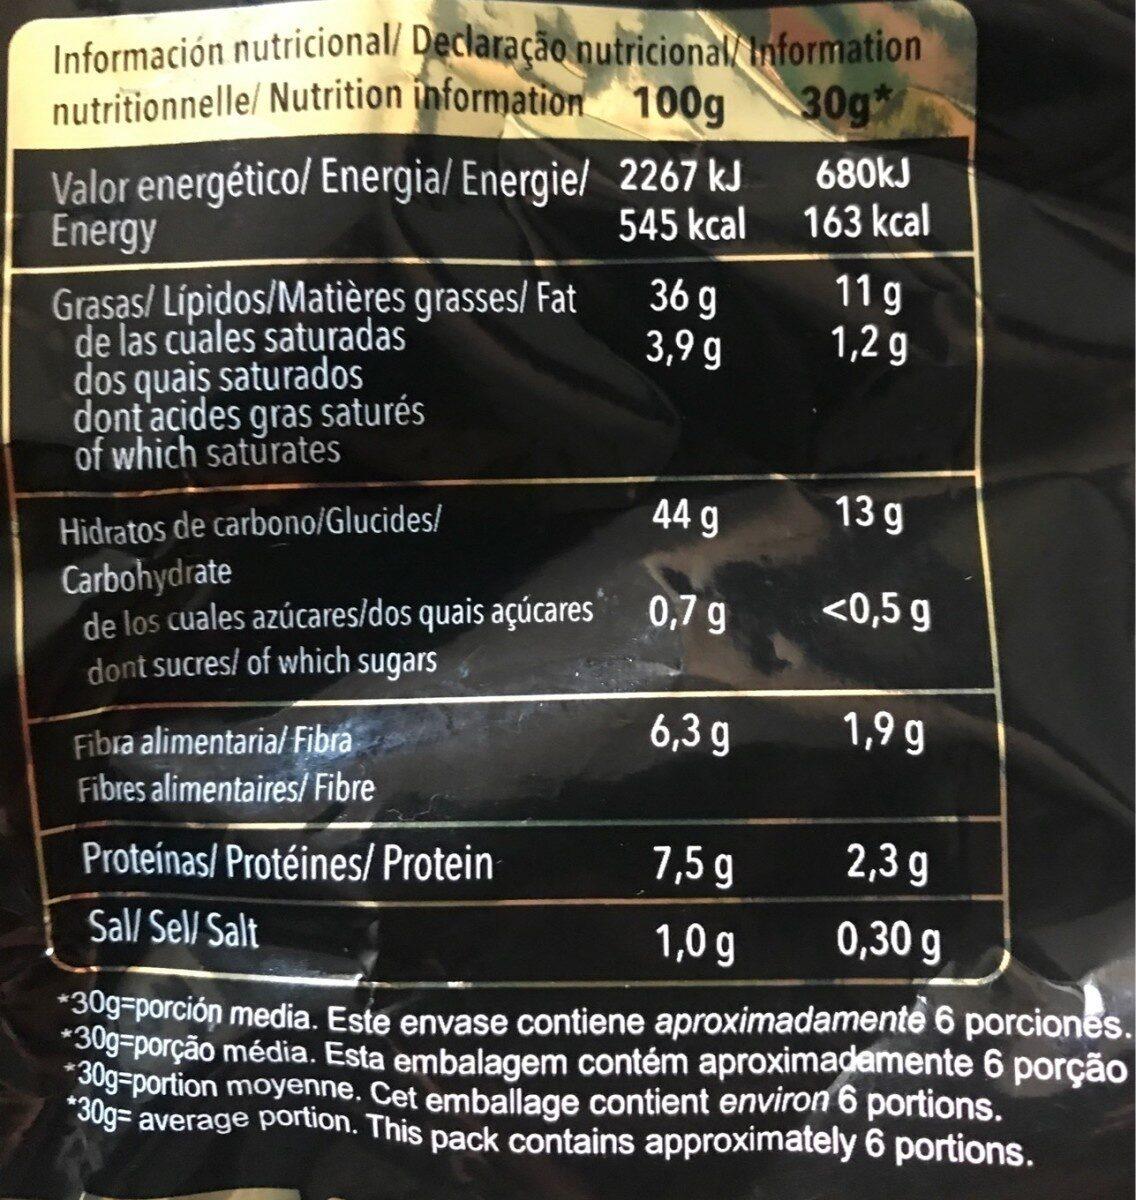 Patatas fritas premium - Informació nutricional - es